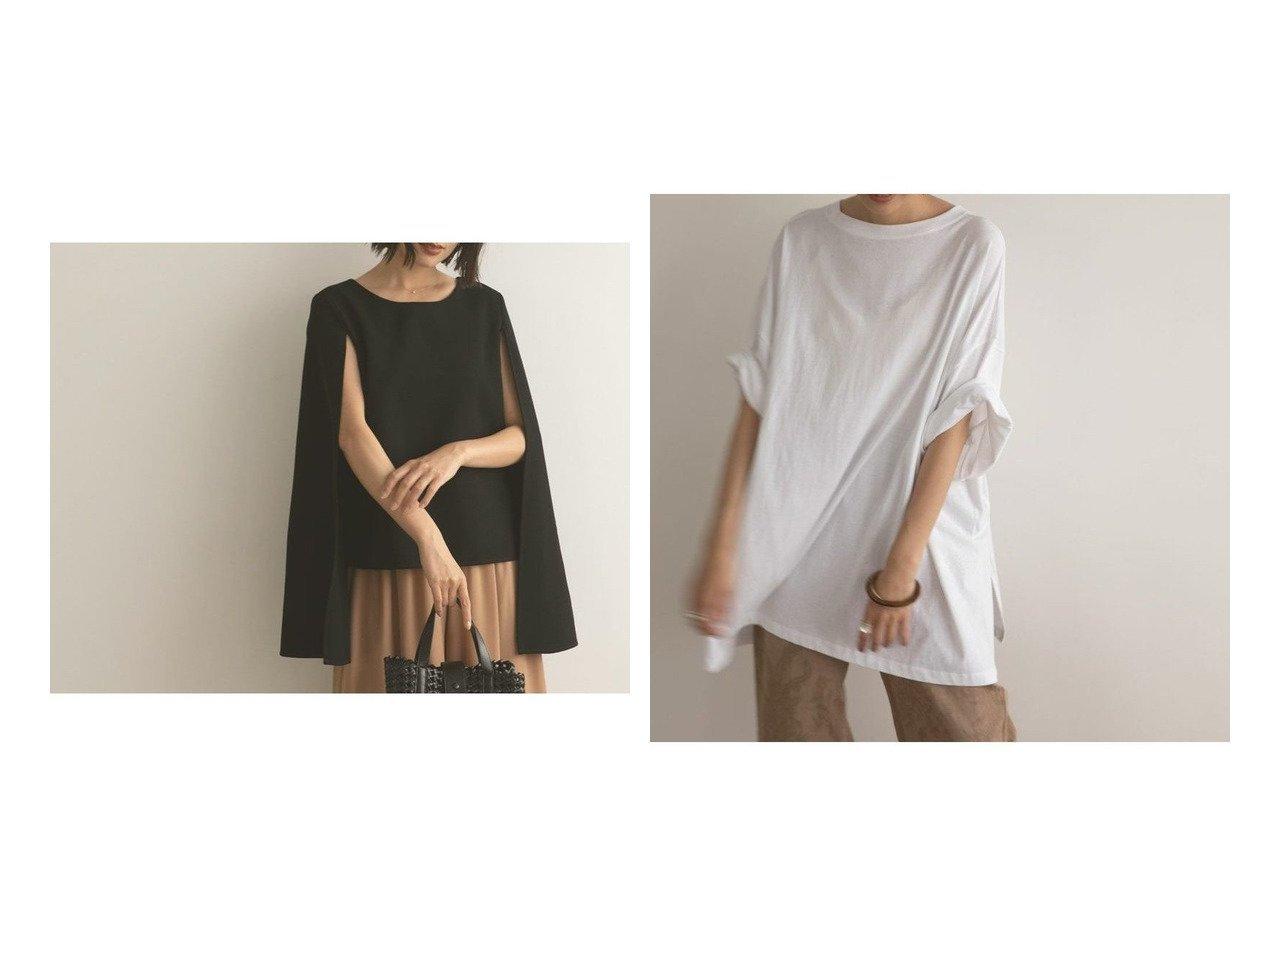 【marjour/マージュール】のハーフスリーブオーバーTEE HALF SLEEVE OVER TEE&ケープトップス CAPE TOPS おすすめ!人気、トレンド・レディースファッションの通販  おすすめで人気の流行・トレンド、ファッションの通販商品 インテリア・家具・メンズファッション・キッズファッション・レディースファッション・服の通販 founy(ファニー) https://founy.com/ ファッション Fashion レディースファッション WOMEN トップス・カットソー Tops/Tshirt オケージョン 春 Spring 秋 Autumn/Fall カーディガン サンダル シューズ スニーカー デニム トレンド 時計 バランス バングル フィット ボトム ワイド アンクル 人気 ハーフ ベスト ベーシック 半袖 おすすめ Recommend 夏 Summer  ID:crp329100000054998